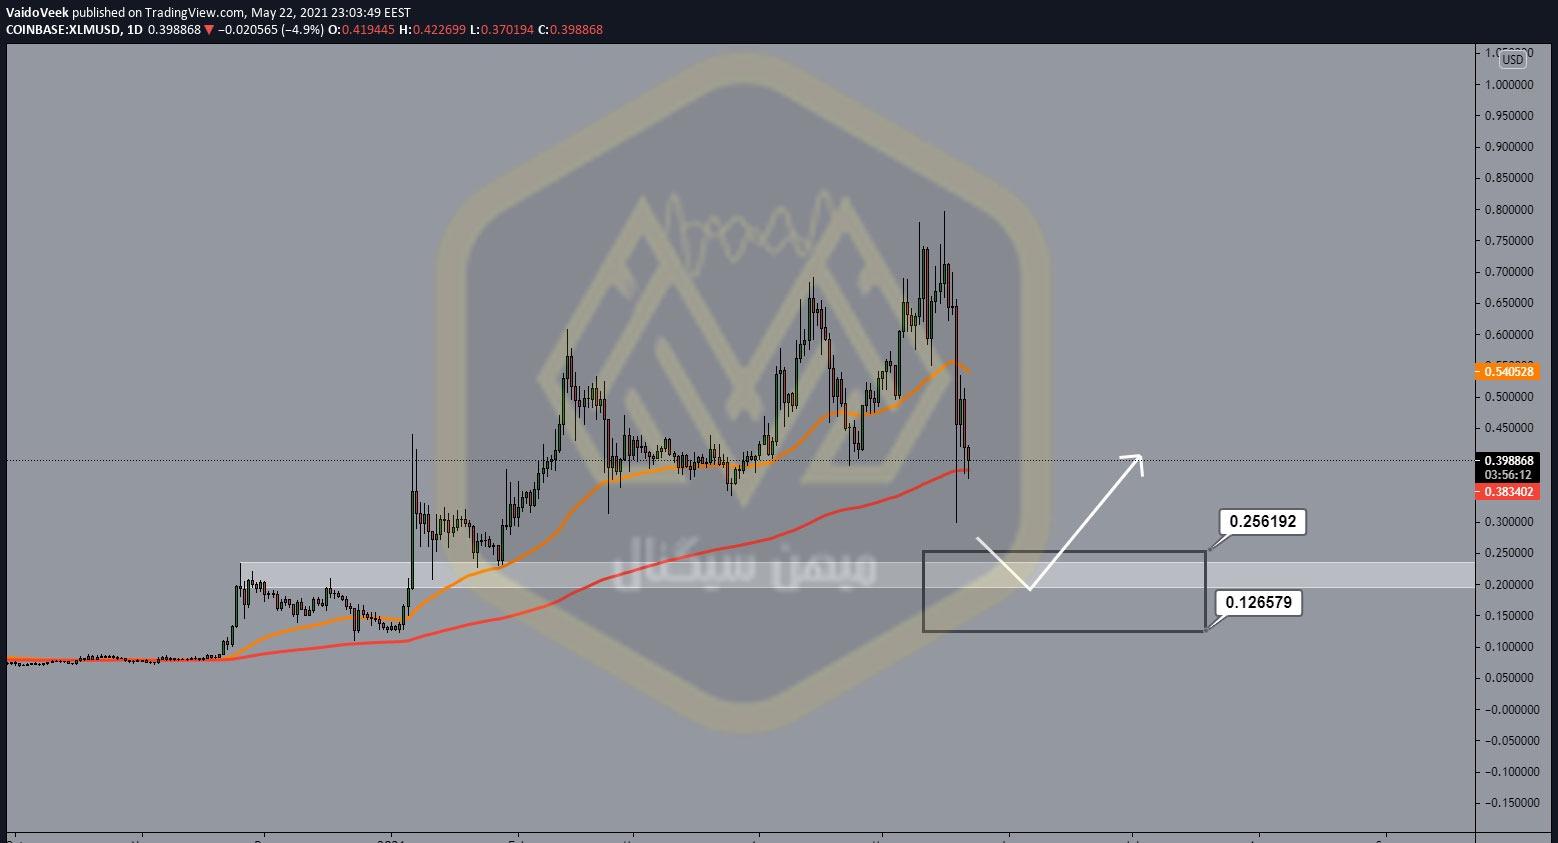 نمودار یک روزه استلار / دلار